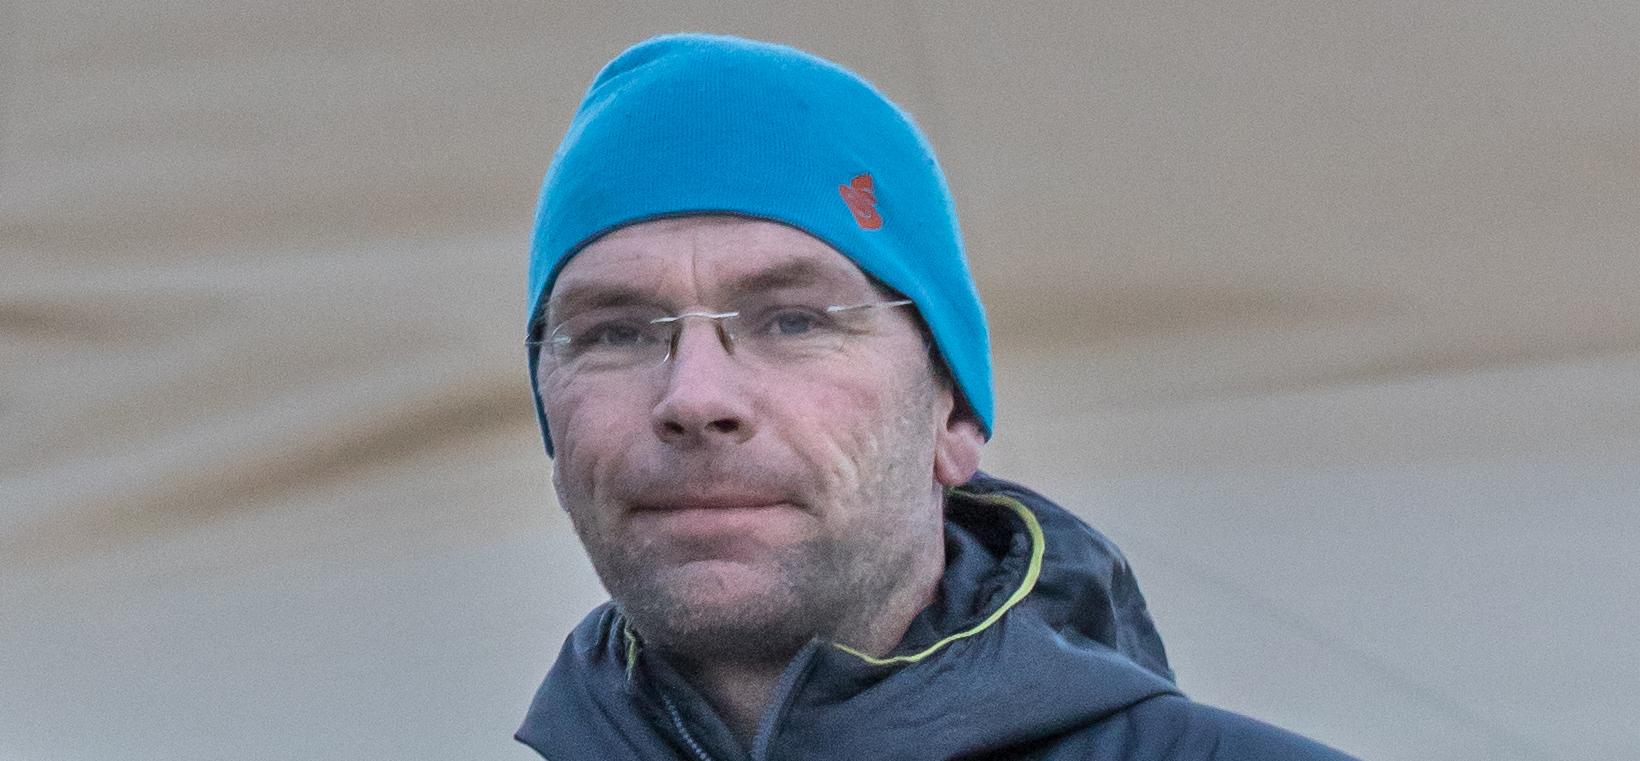 Asgrim Opdal, leiar av Filefjell Reinlag, er ein av tre namngjevne personar i reinlaget som har fått løyve til å avlive villrein i Nordfjella. Foto: Kjell Bitustøyl.